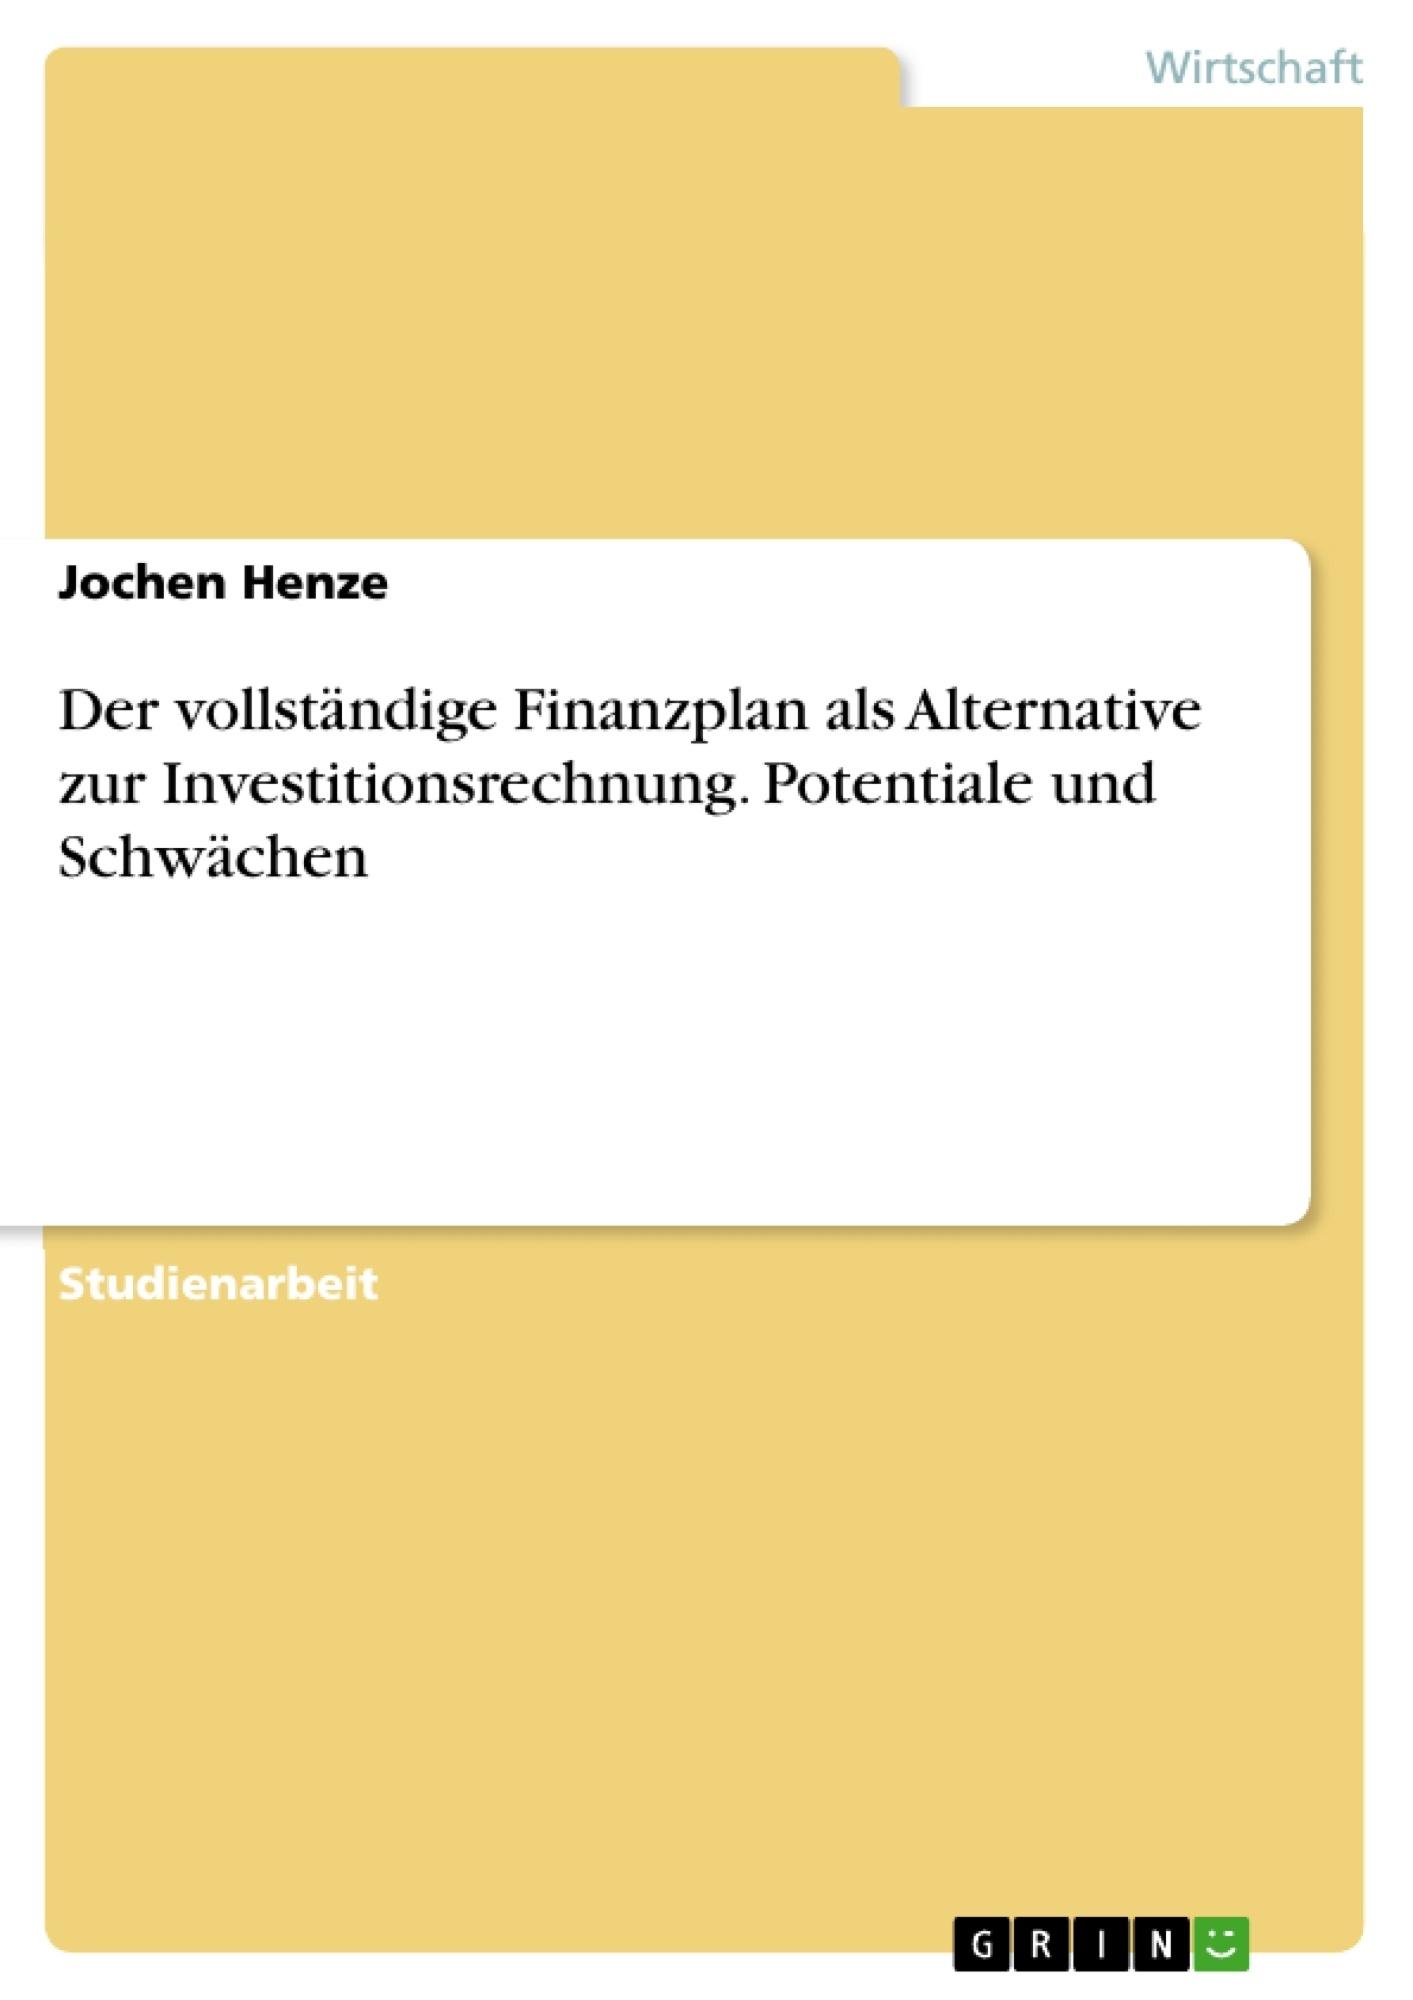 Titel: Der vollständige Finanzplan als Alternative zur Investitionsrechnung. Potentiale und Schwächen